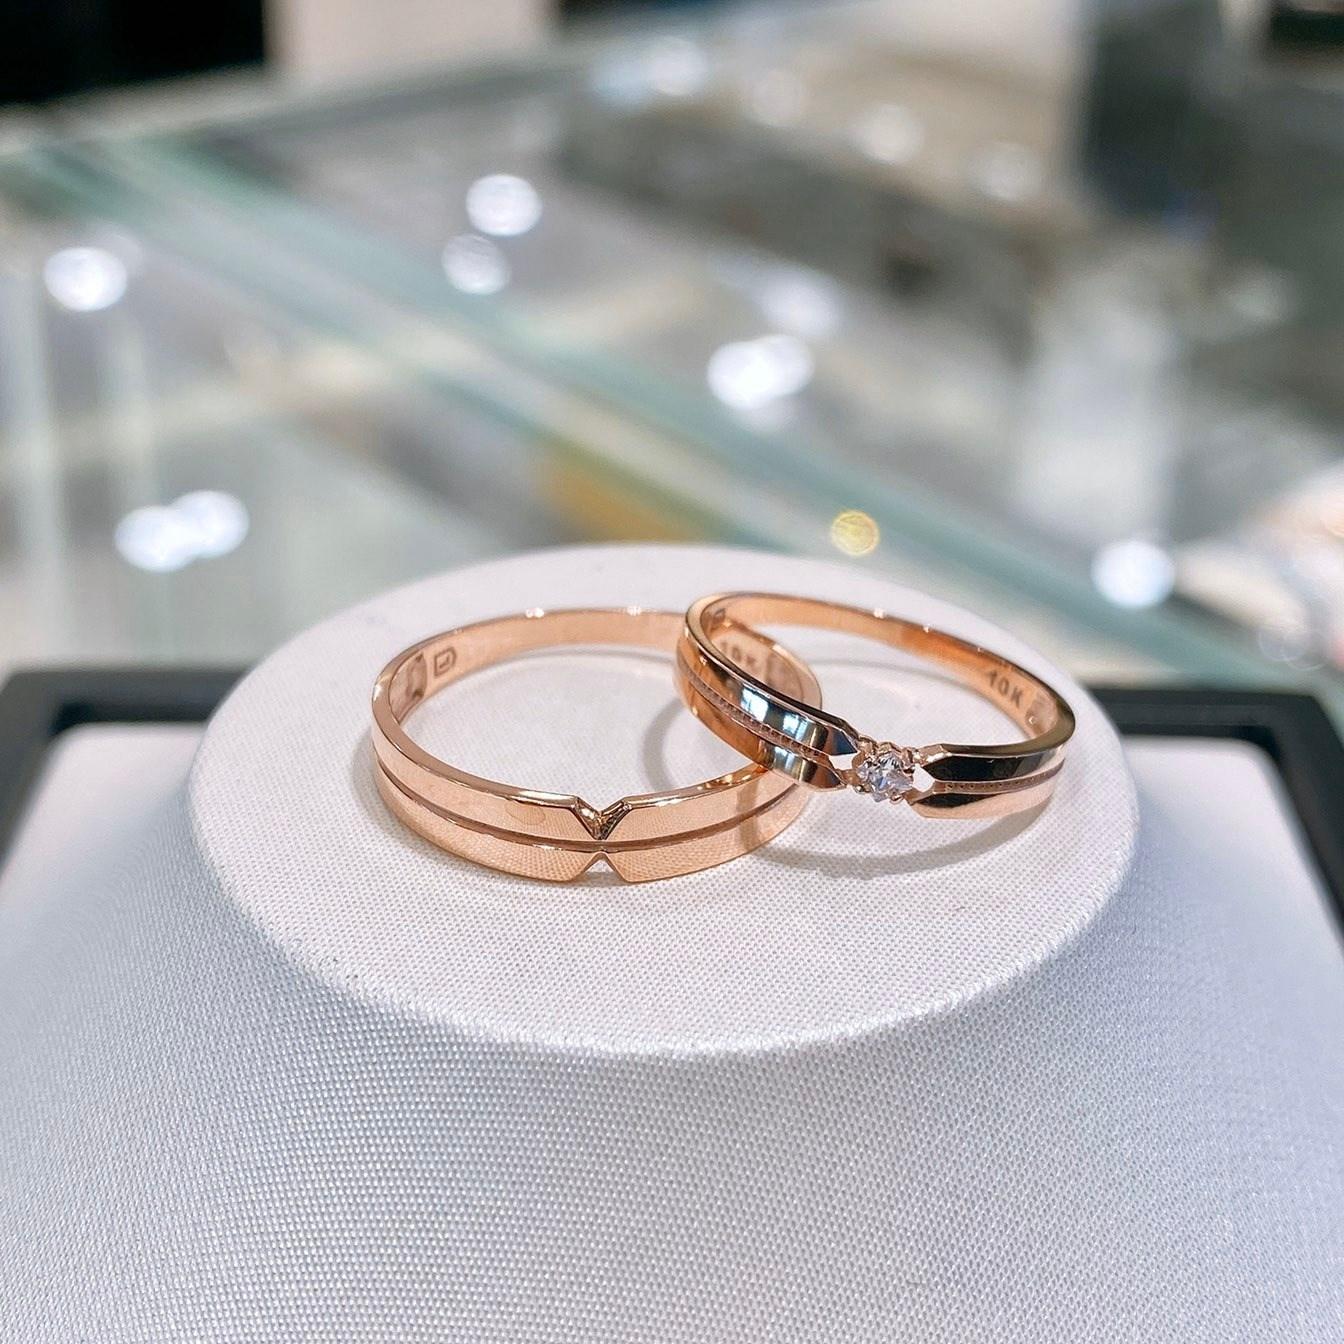 로이드 10K 14K 원 러브 포인트 커플링 인천 뉴코아점 반지